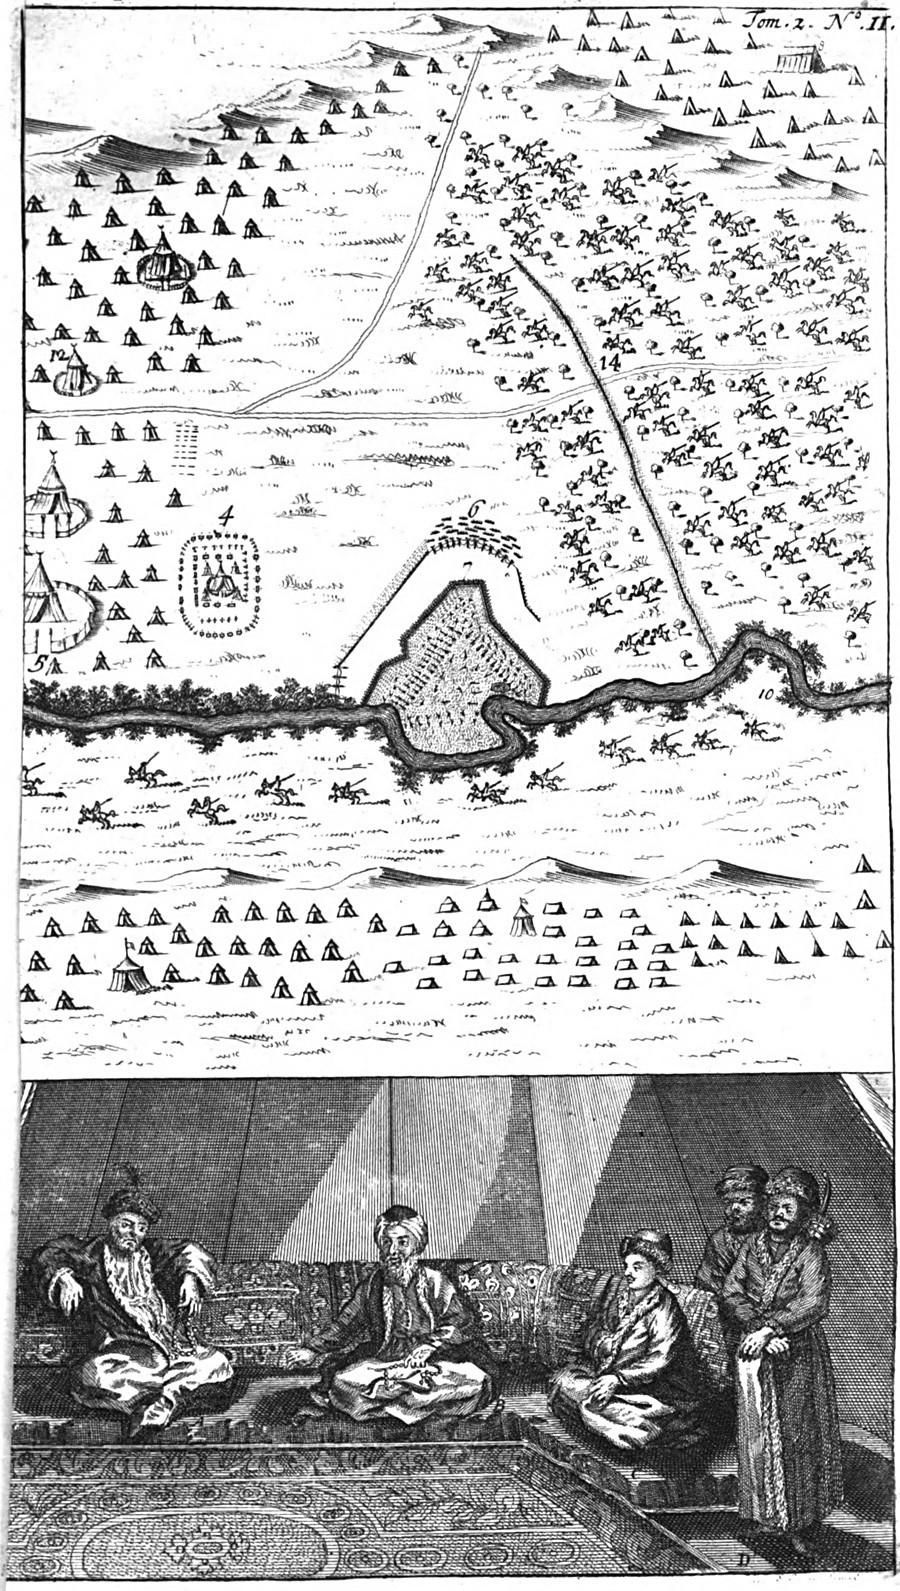 Битка код реке Прут. Илустрација Вилијема Хогарта, 1724.